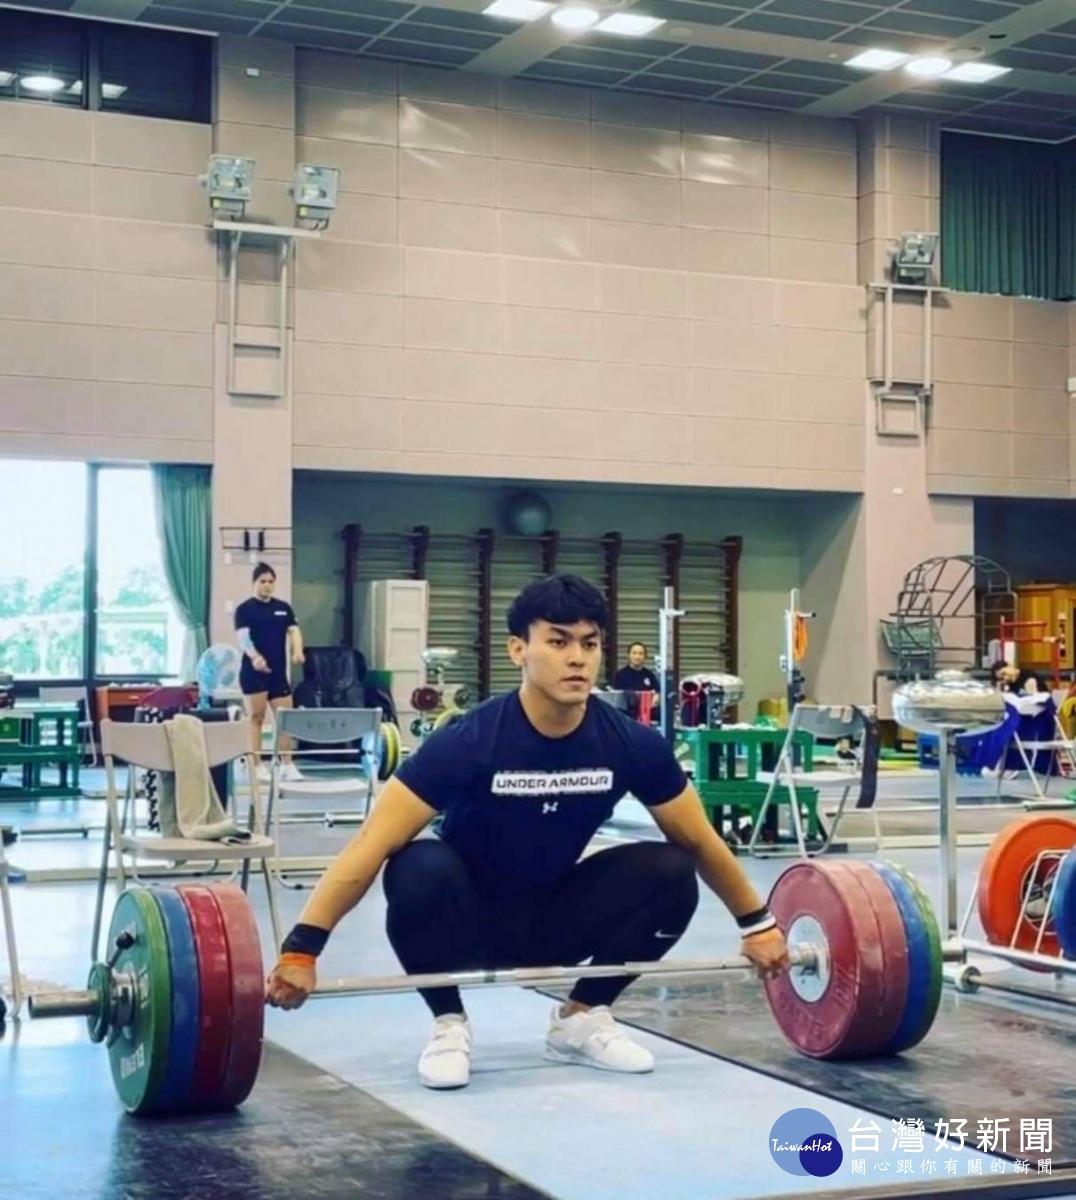 破全國紀錄 展望會自立青年陳柏任奪東奧男子舉重第五名